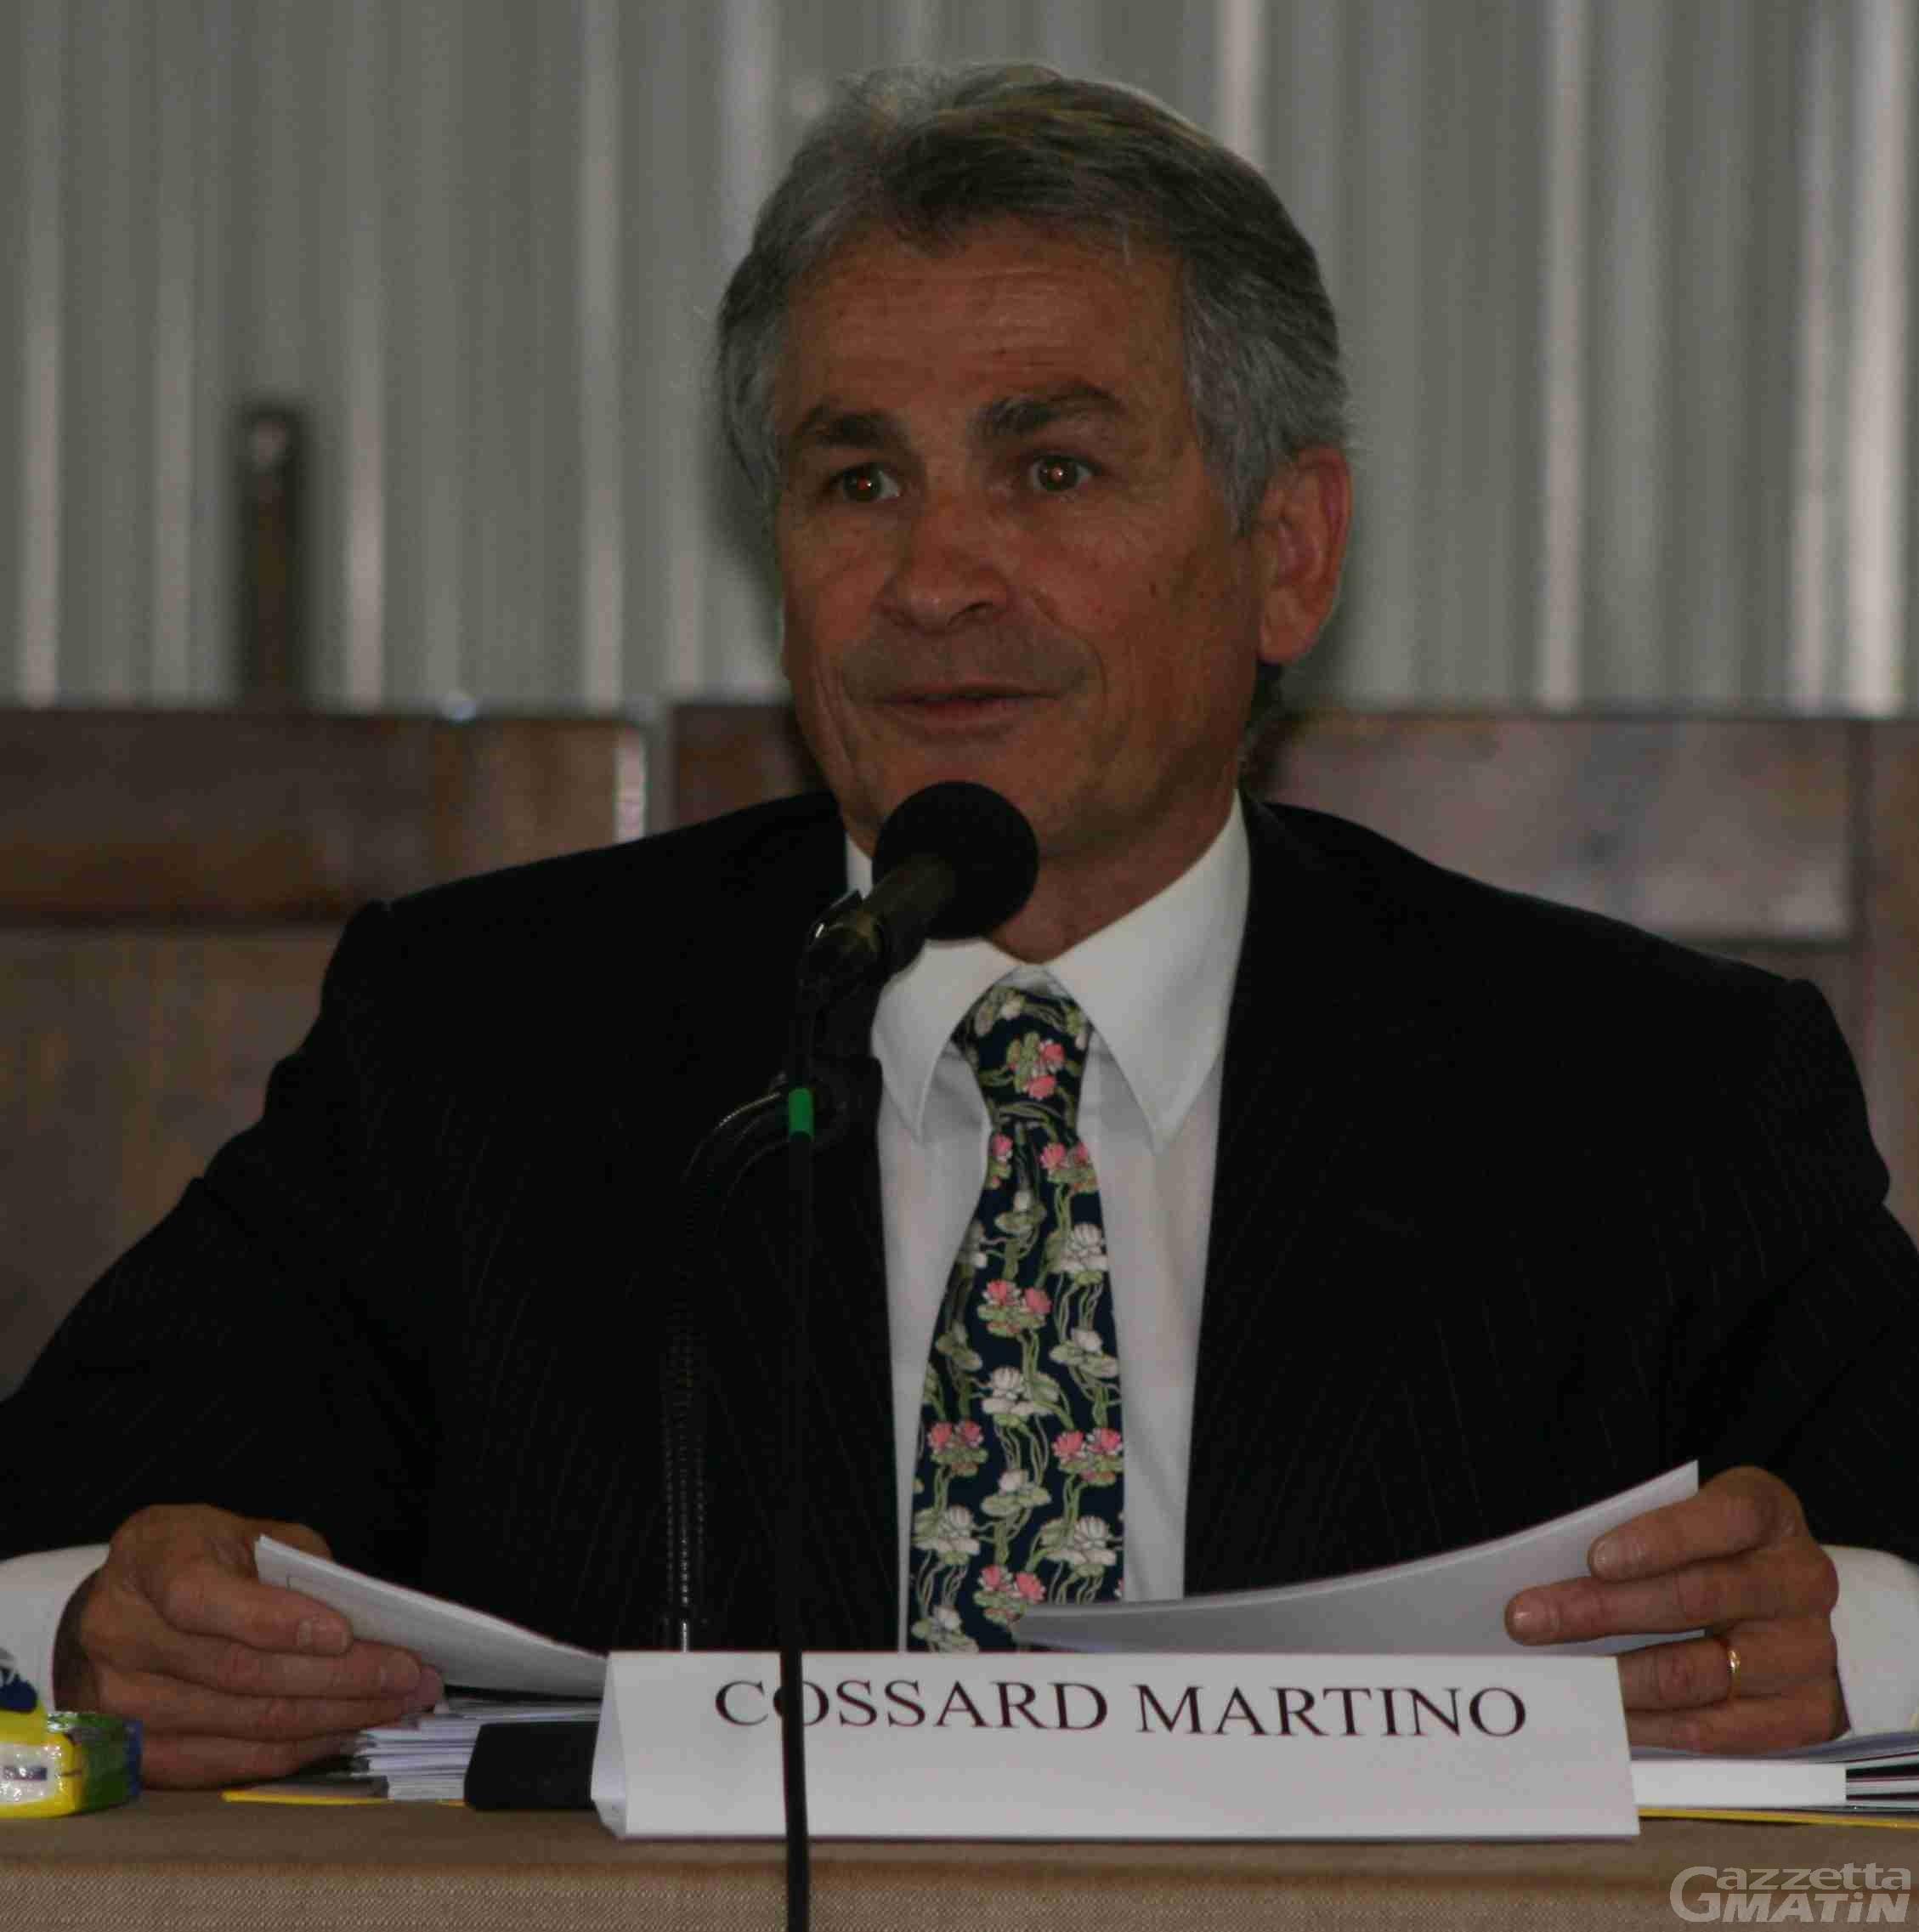 Elezioni BCC: lo storico presidente Cossard tra i candidati